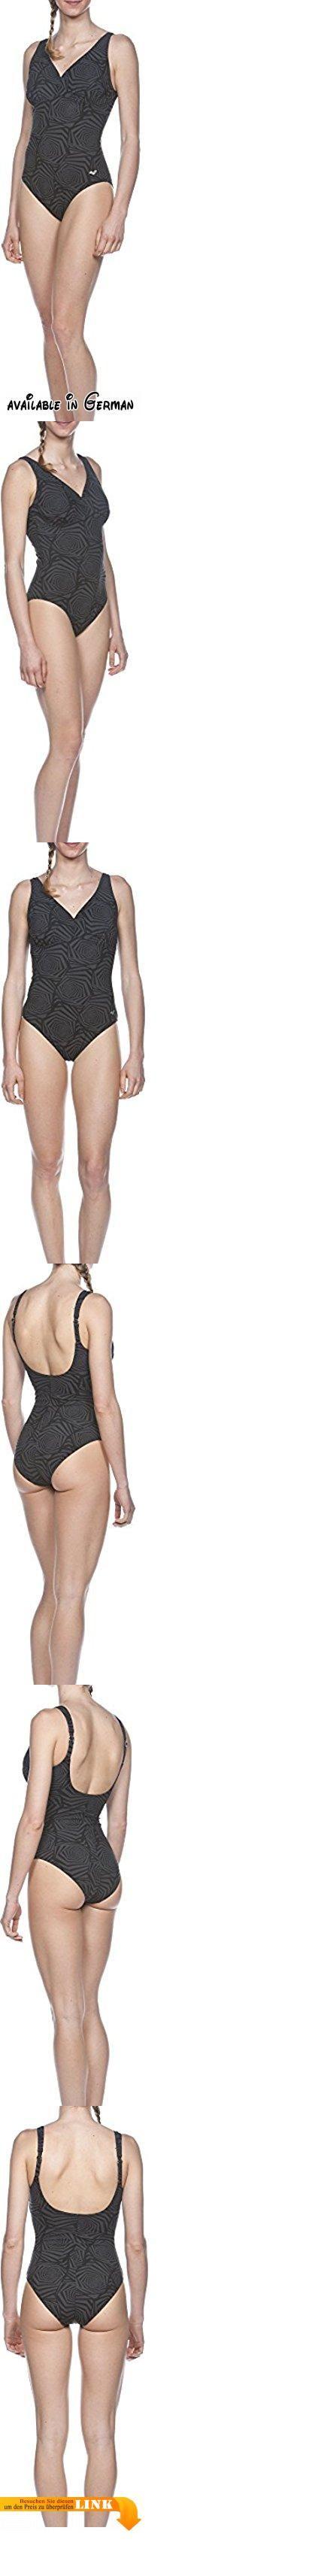 Arena Damen Bodylift Helga D-Cup Badeanzug, Black, 42. arena Bodylift mit Body-Shaping Effekt. gemäßigter Sonnenrücken, breite verstellbare Träger, eingearbeiteter Bra. V-Ausschnitt, tiefer Beinausschnitt für optimale Poabdeckung, C-Cup. 68% Polyamid 32% Elastan. Sensitive Fit von arena ist das figurformende Material aus der Bodylift-Serie. Es ist angenehm im Griff und gibt ein gutes Tragegefühl. #Sports #SPORTING_GOODS